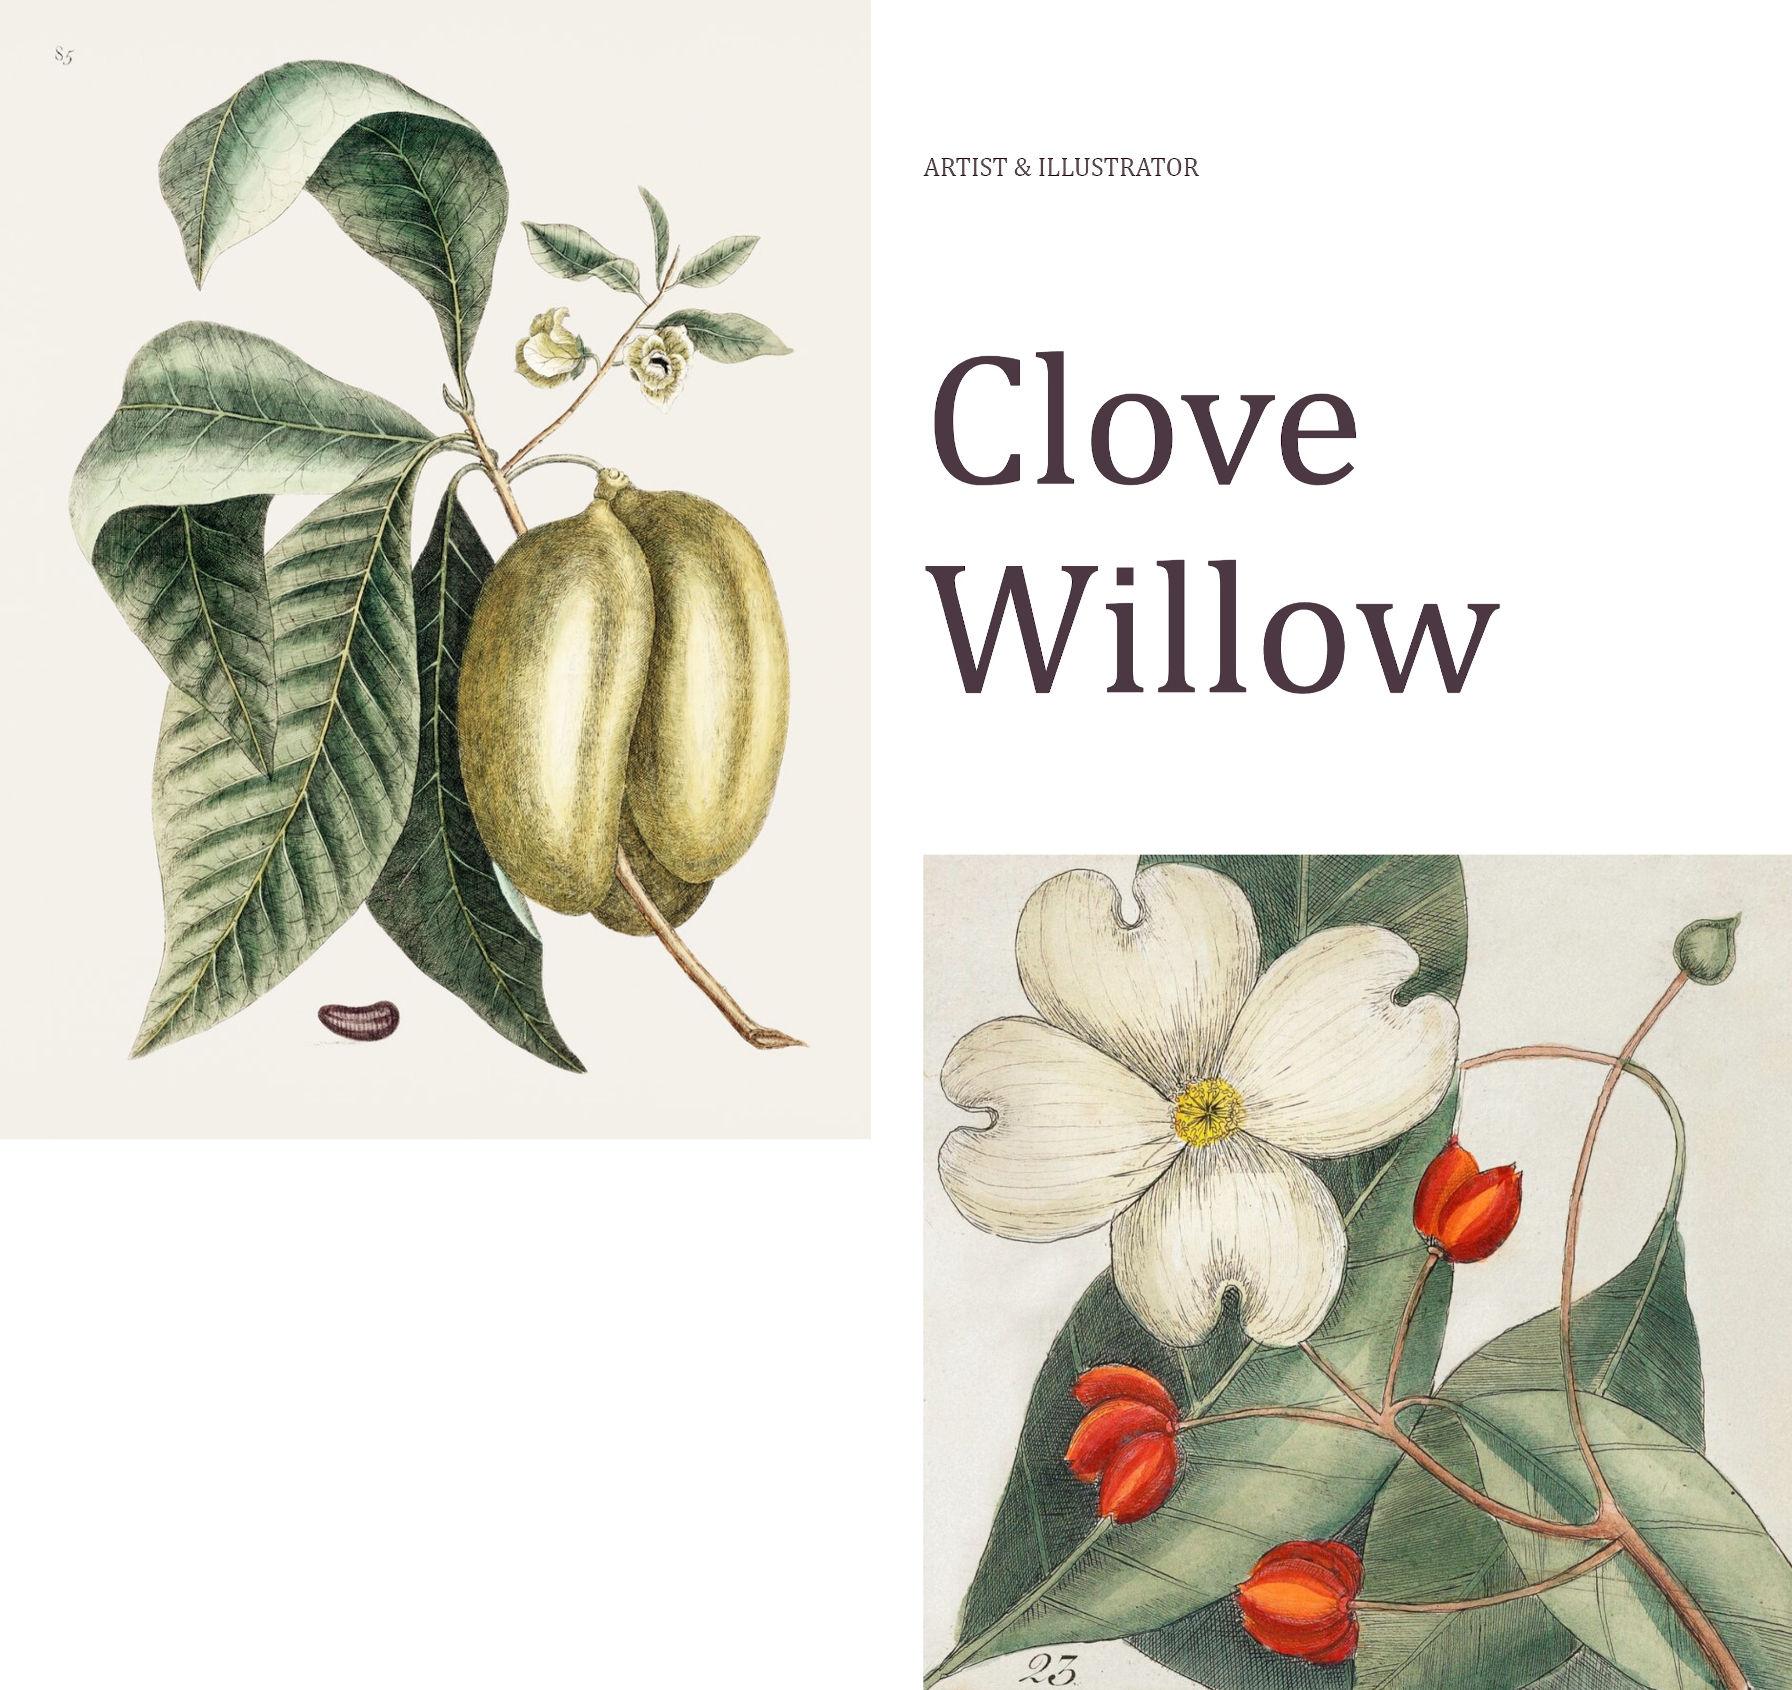 Section d'introduction de la page avec des colonnes inégales et deux images basées sur la nature.